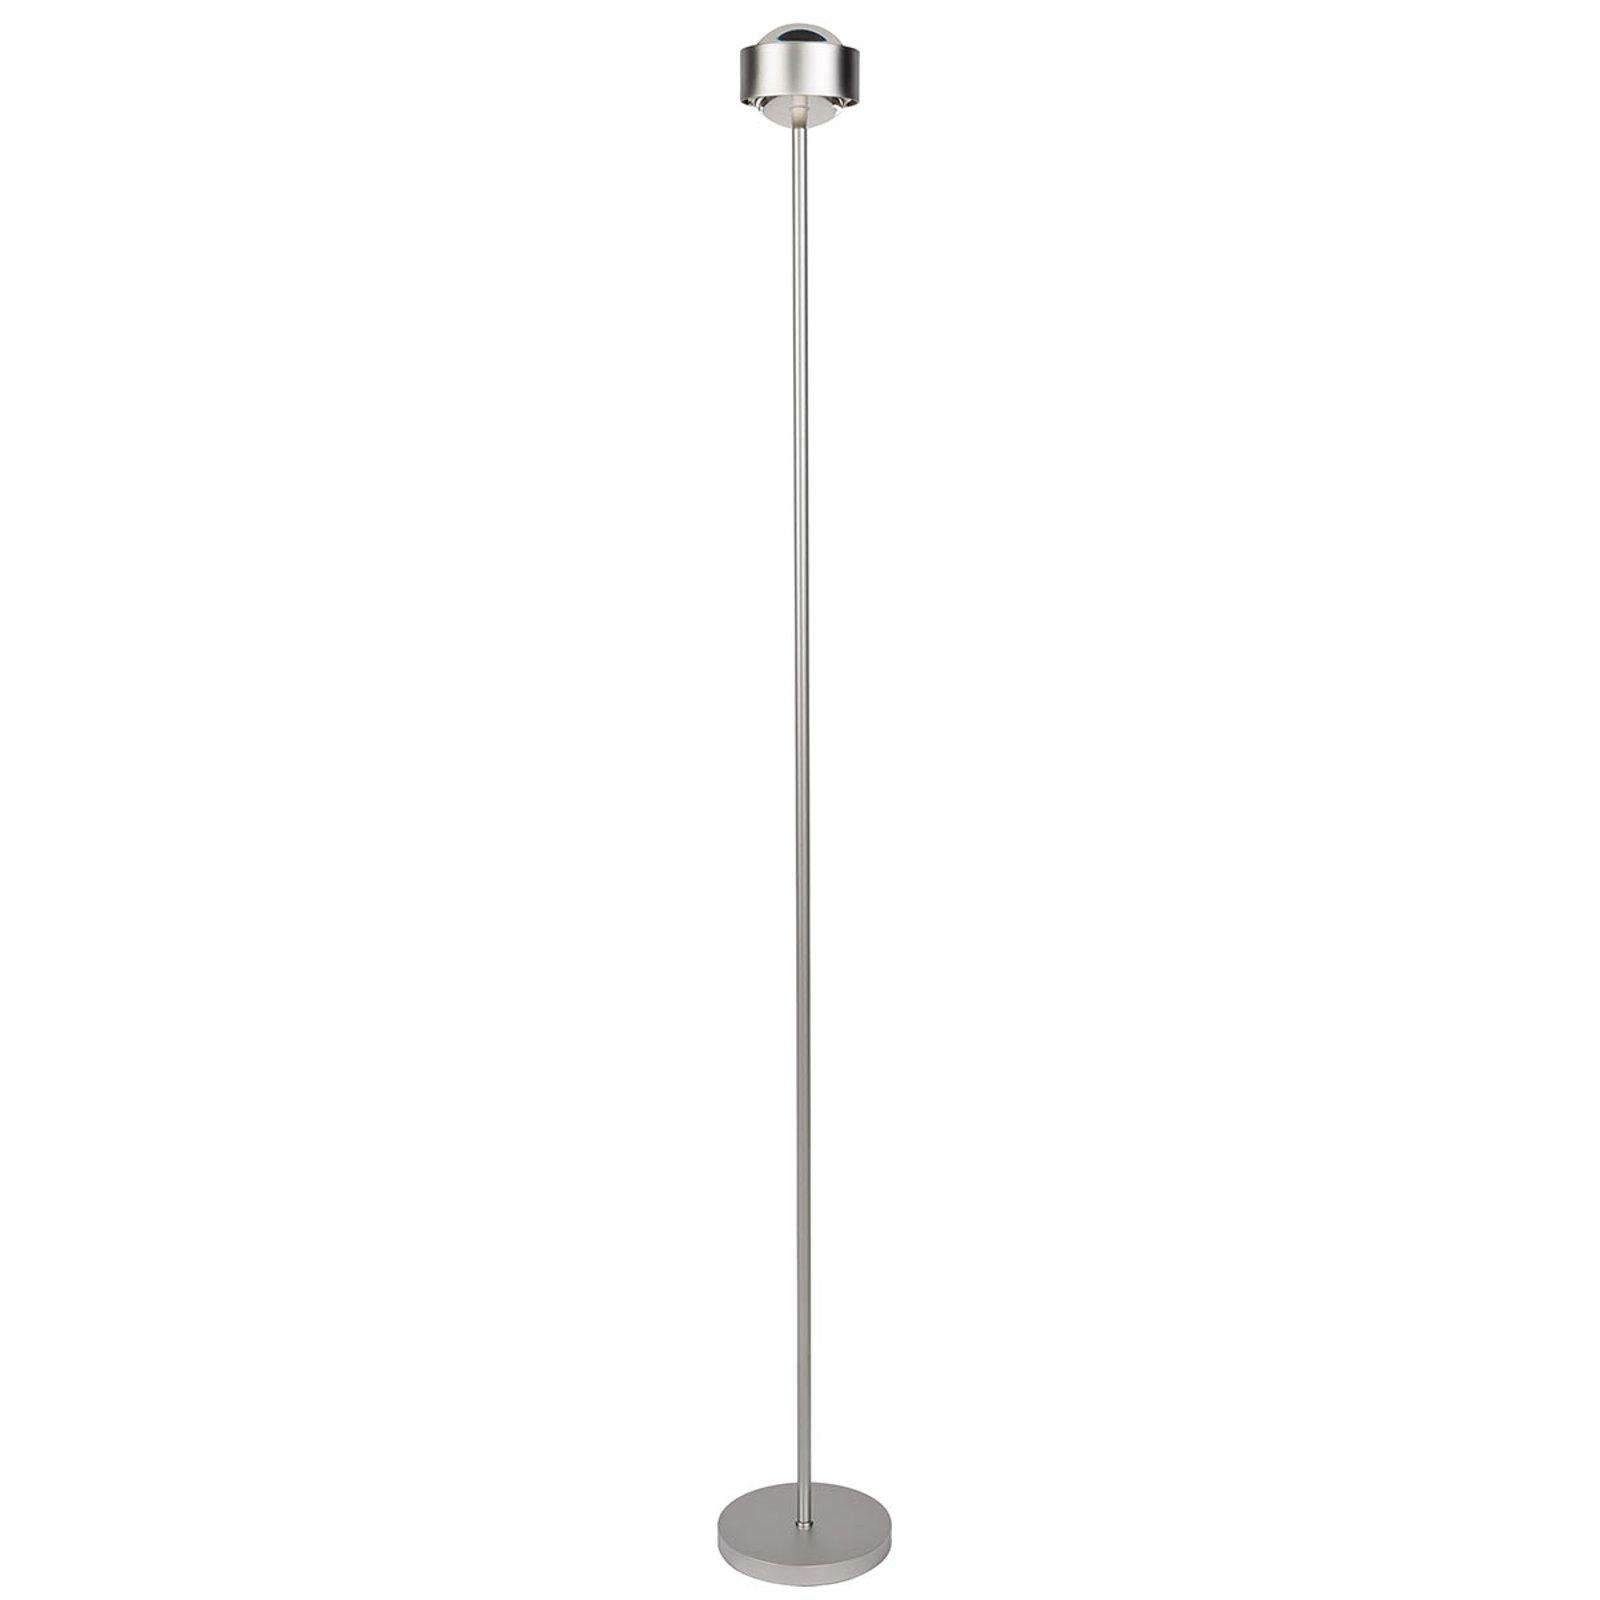 Slank stålampe PUK EYE krom matt